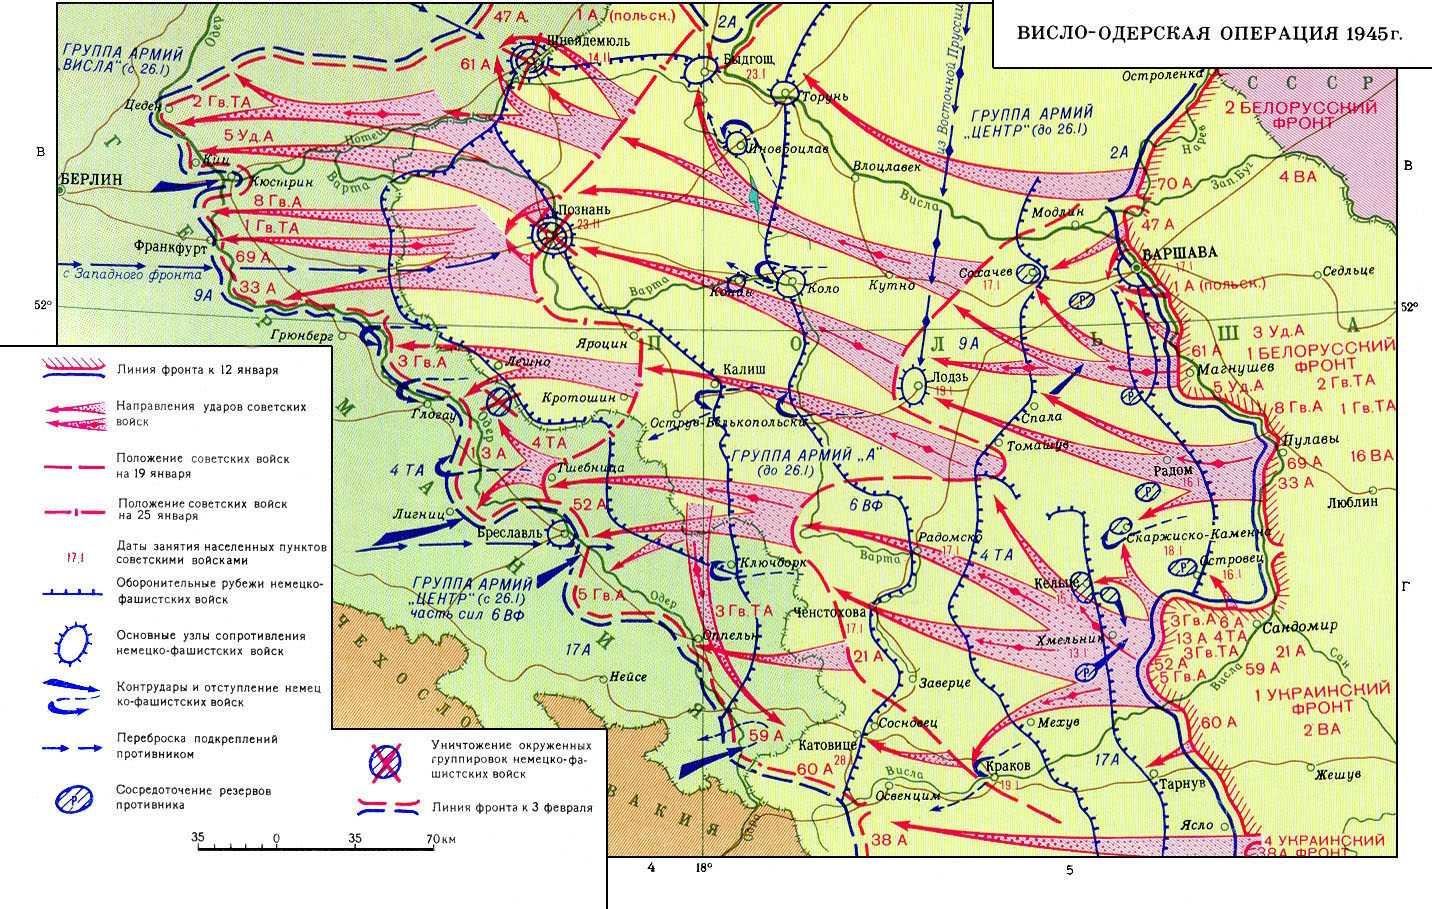 Корсунь Шевченковская Операция Карта